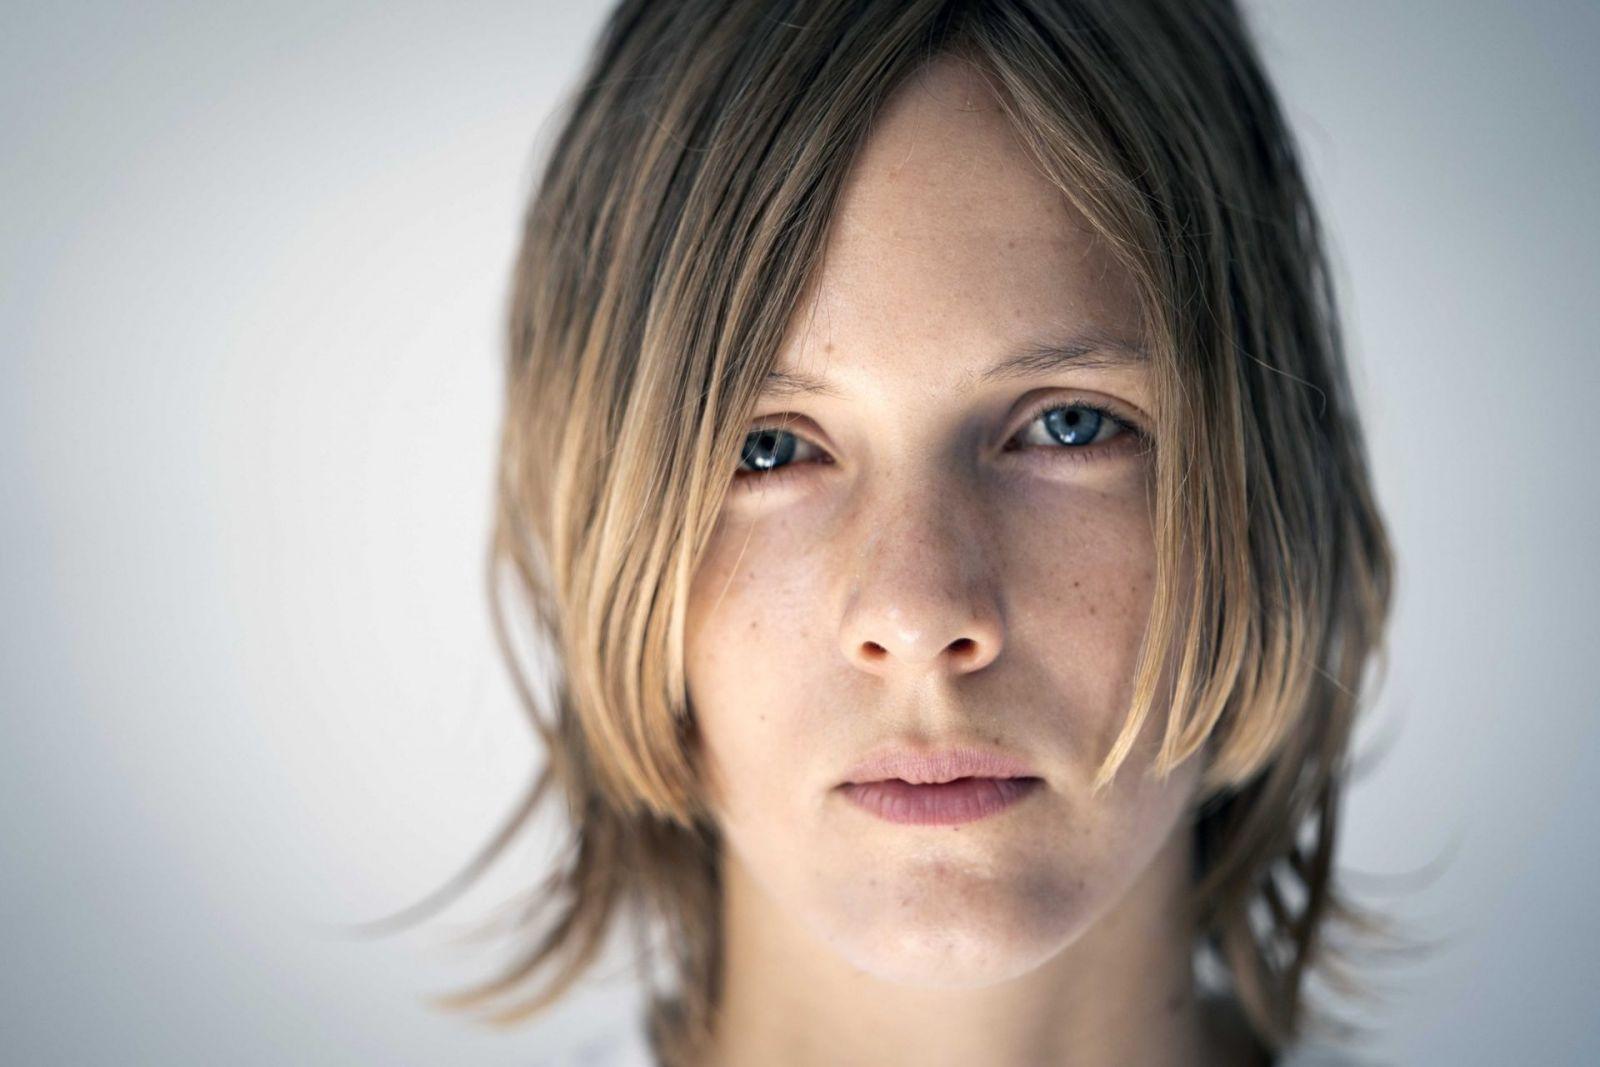 Букеровскую премию-2020 получила 29-летняя дебютантка из Нидерландов